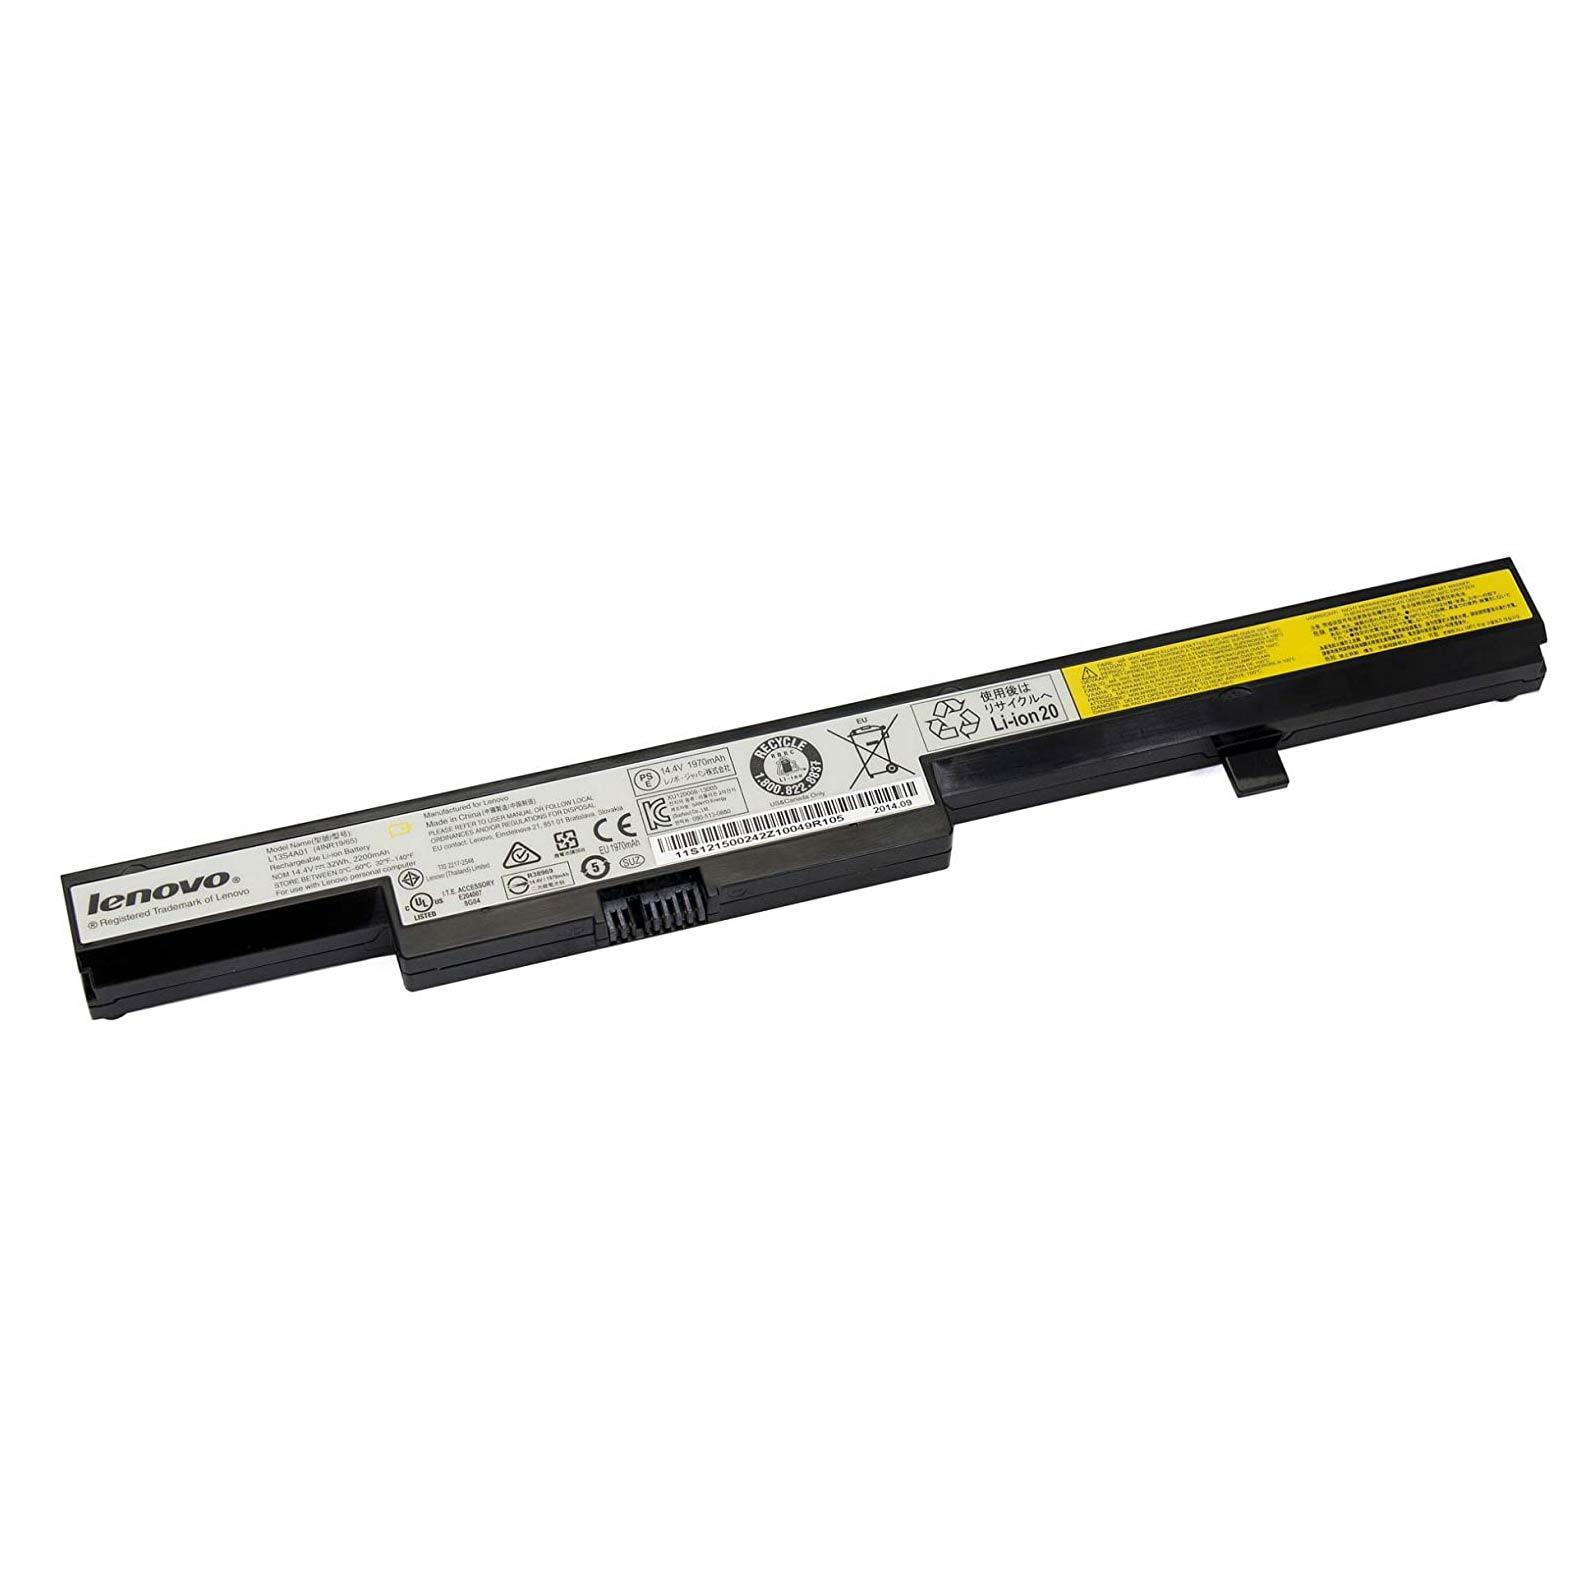 باتری لپ تاپ لنوو مدل Lenovo B51